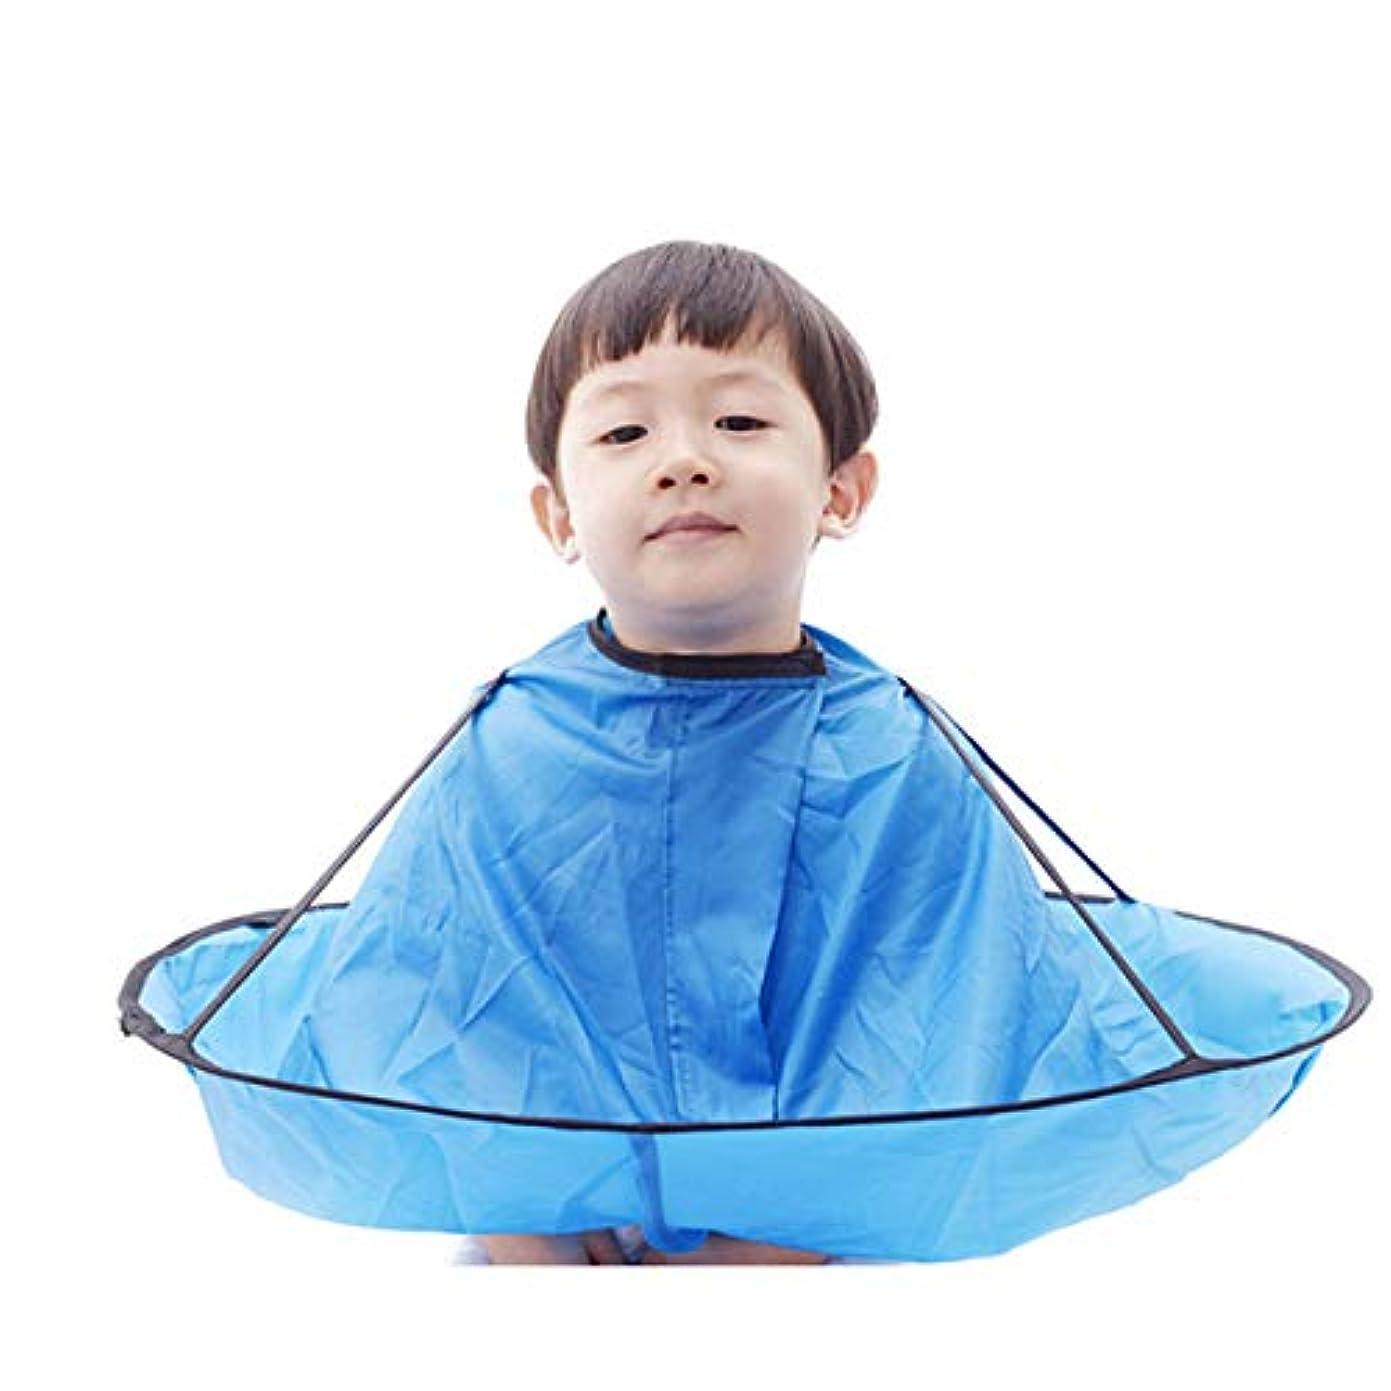 不均一楽しい発言する子供 散髪ケープ ヘアエプロン 散髪マント 刈布 ケープ 散髪道具 防水 (青)